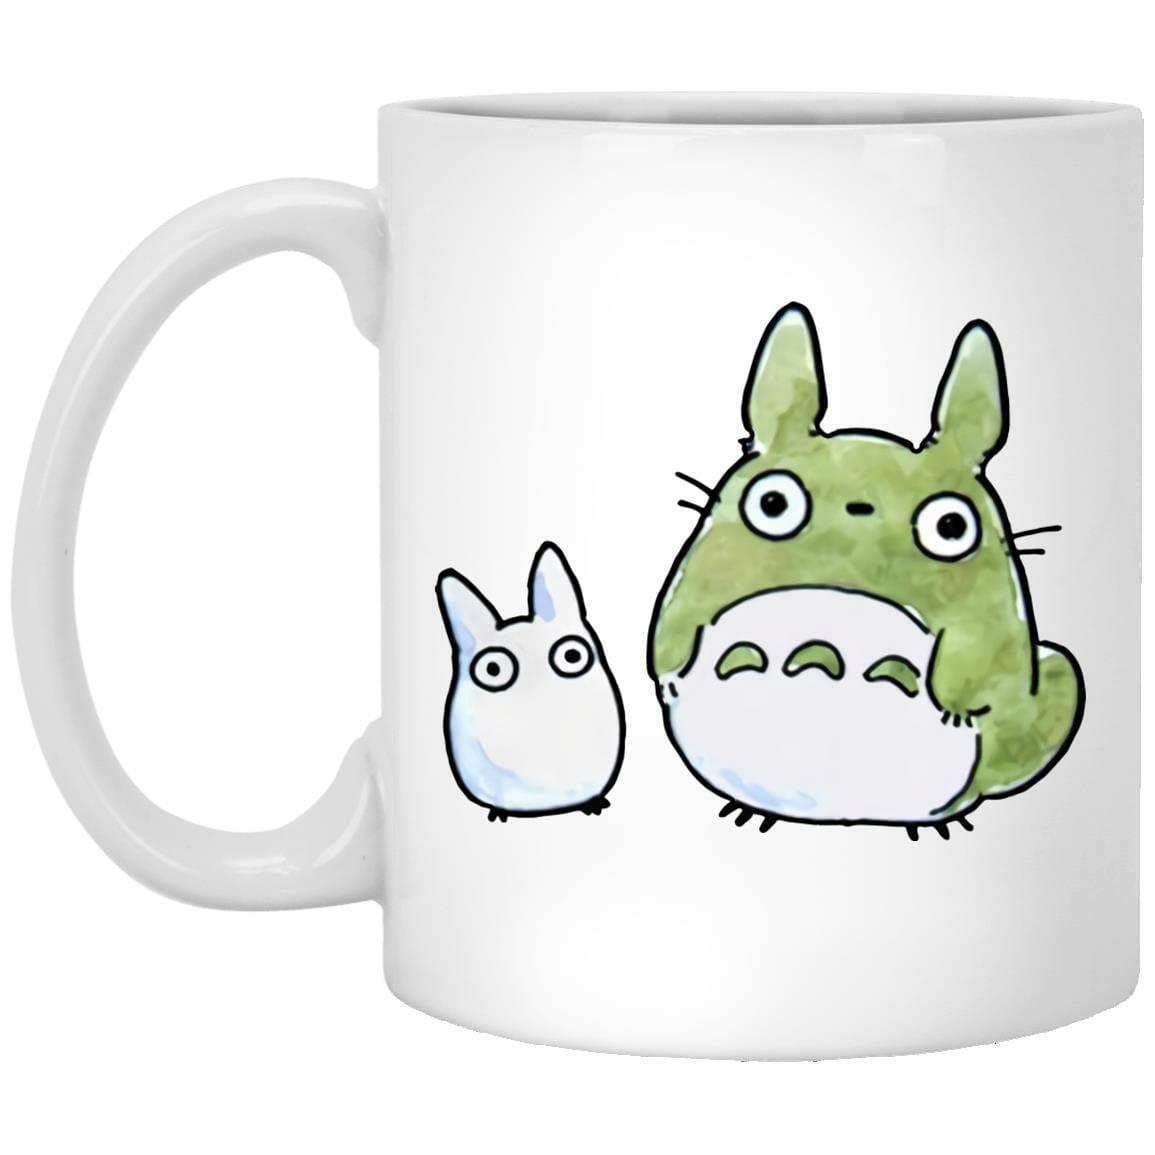 Totoro Family Cute Drawing Mug